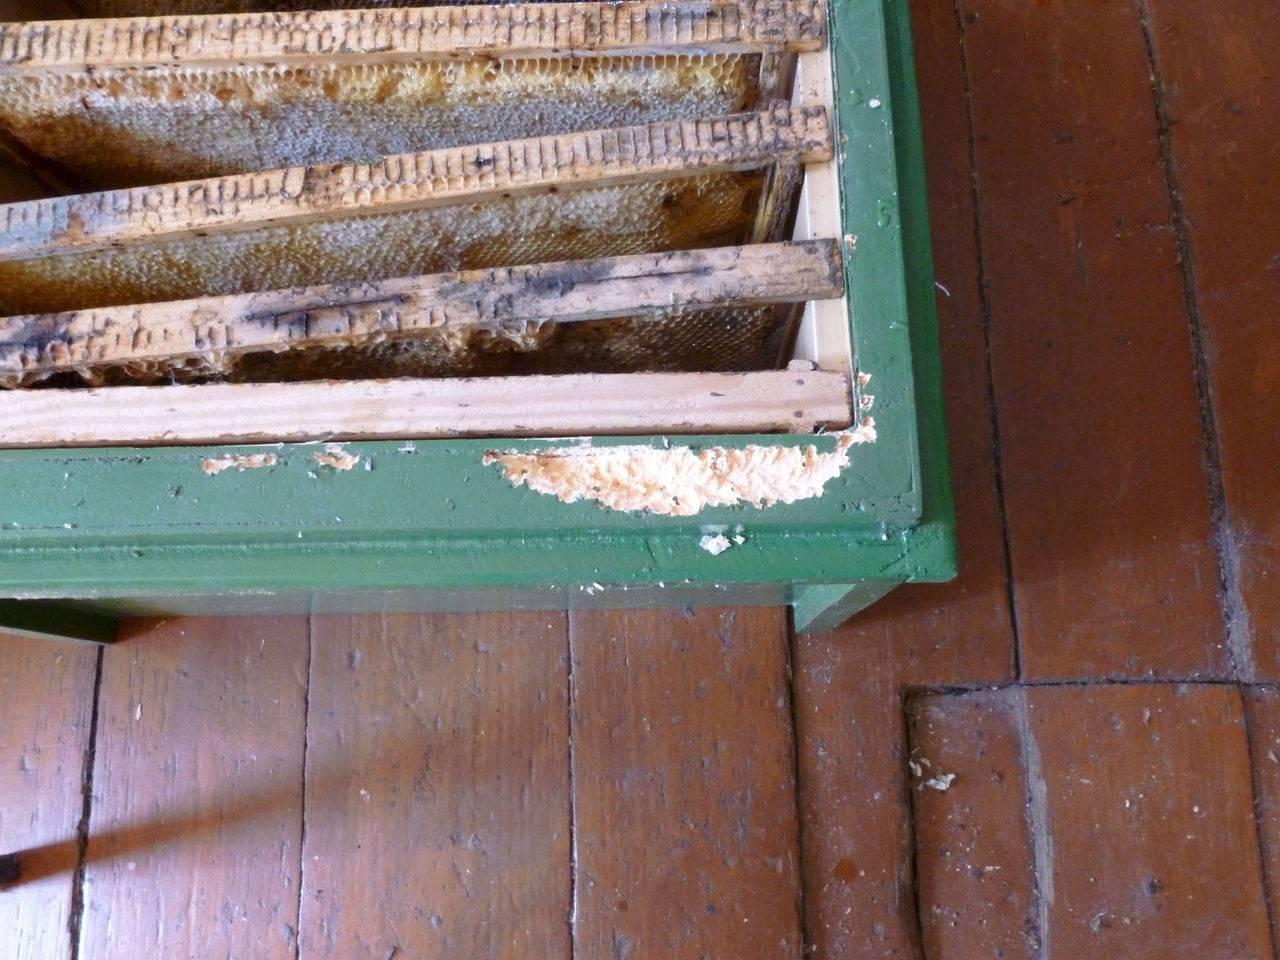 Едят ли мыши пеноплекс и пенопласт - как обезопасить дом. жми!